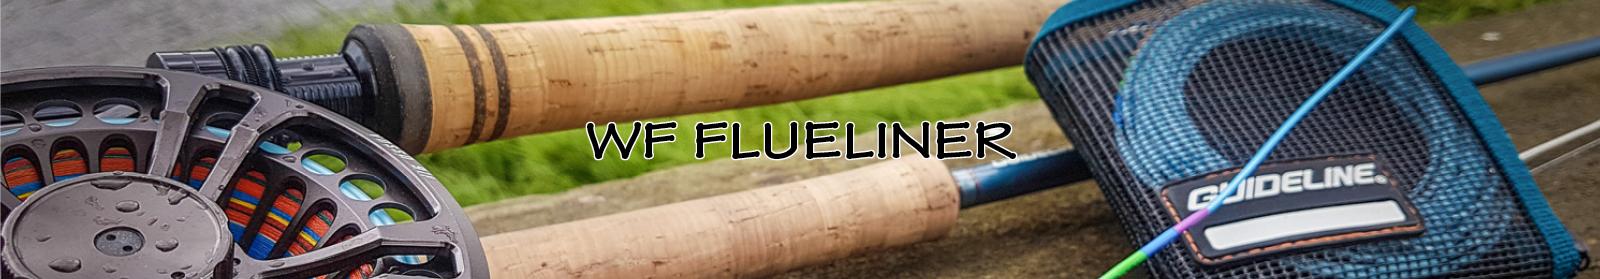 WF flueliner til fluefiskeri hos LYSTFISKEREN.dk